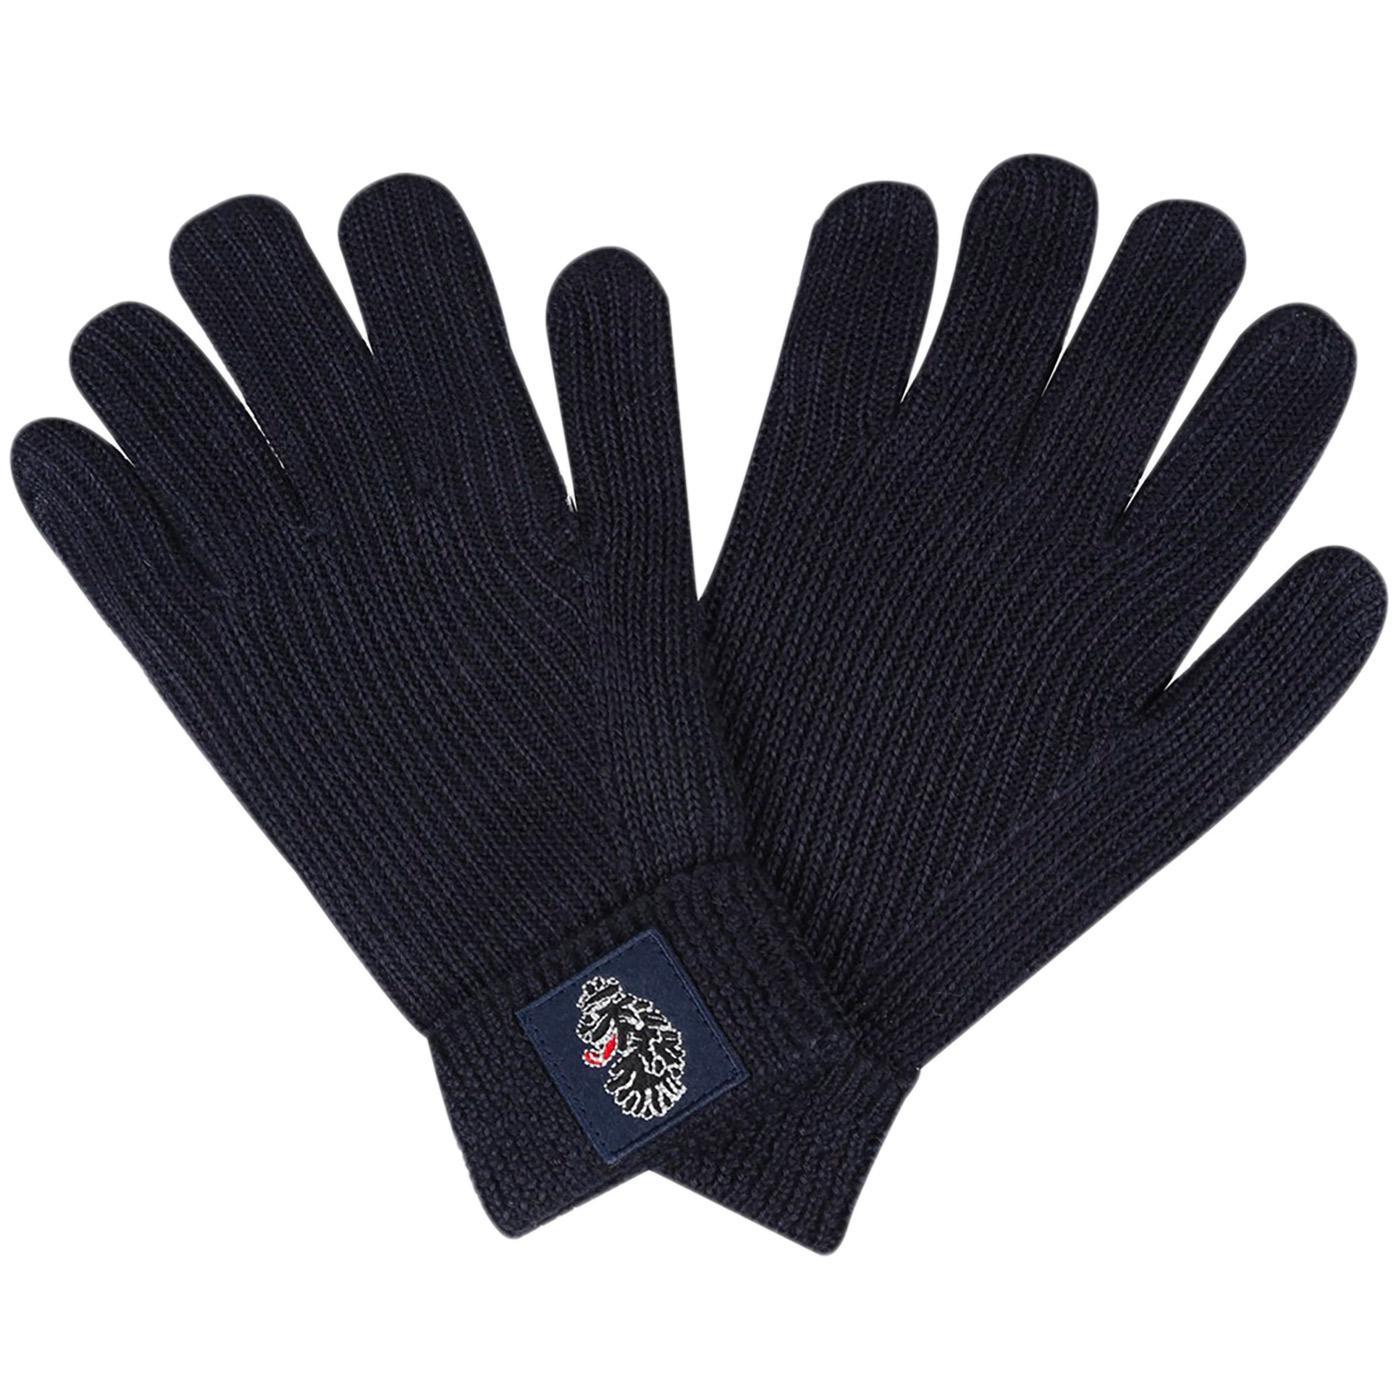 Milo LUKE Retro Knitted Fleece Lined Gloves (Navy)